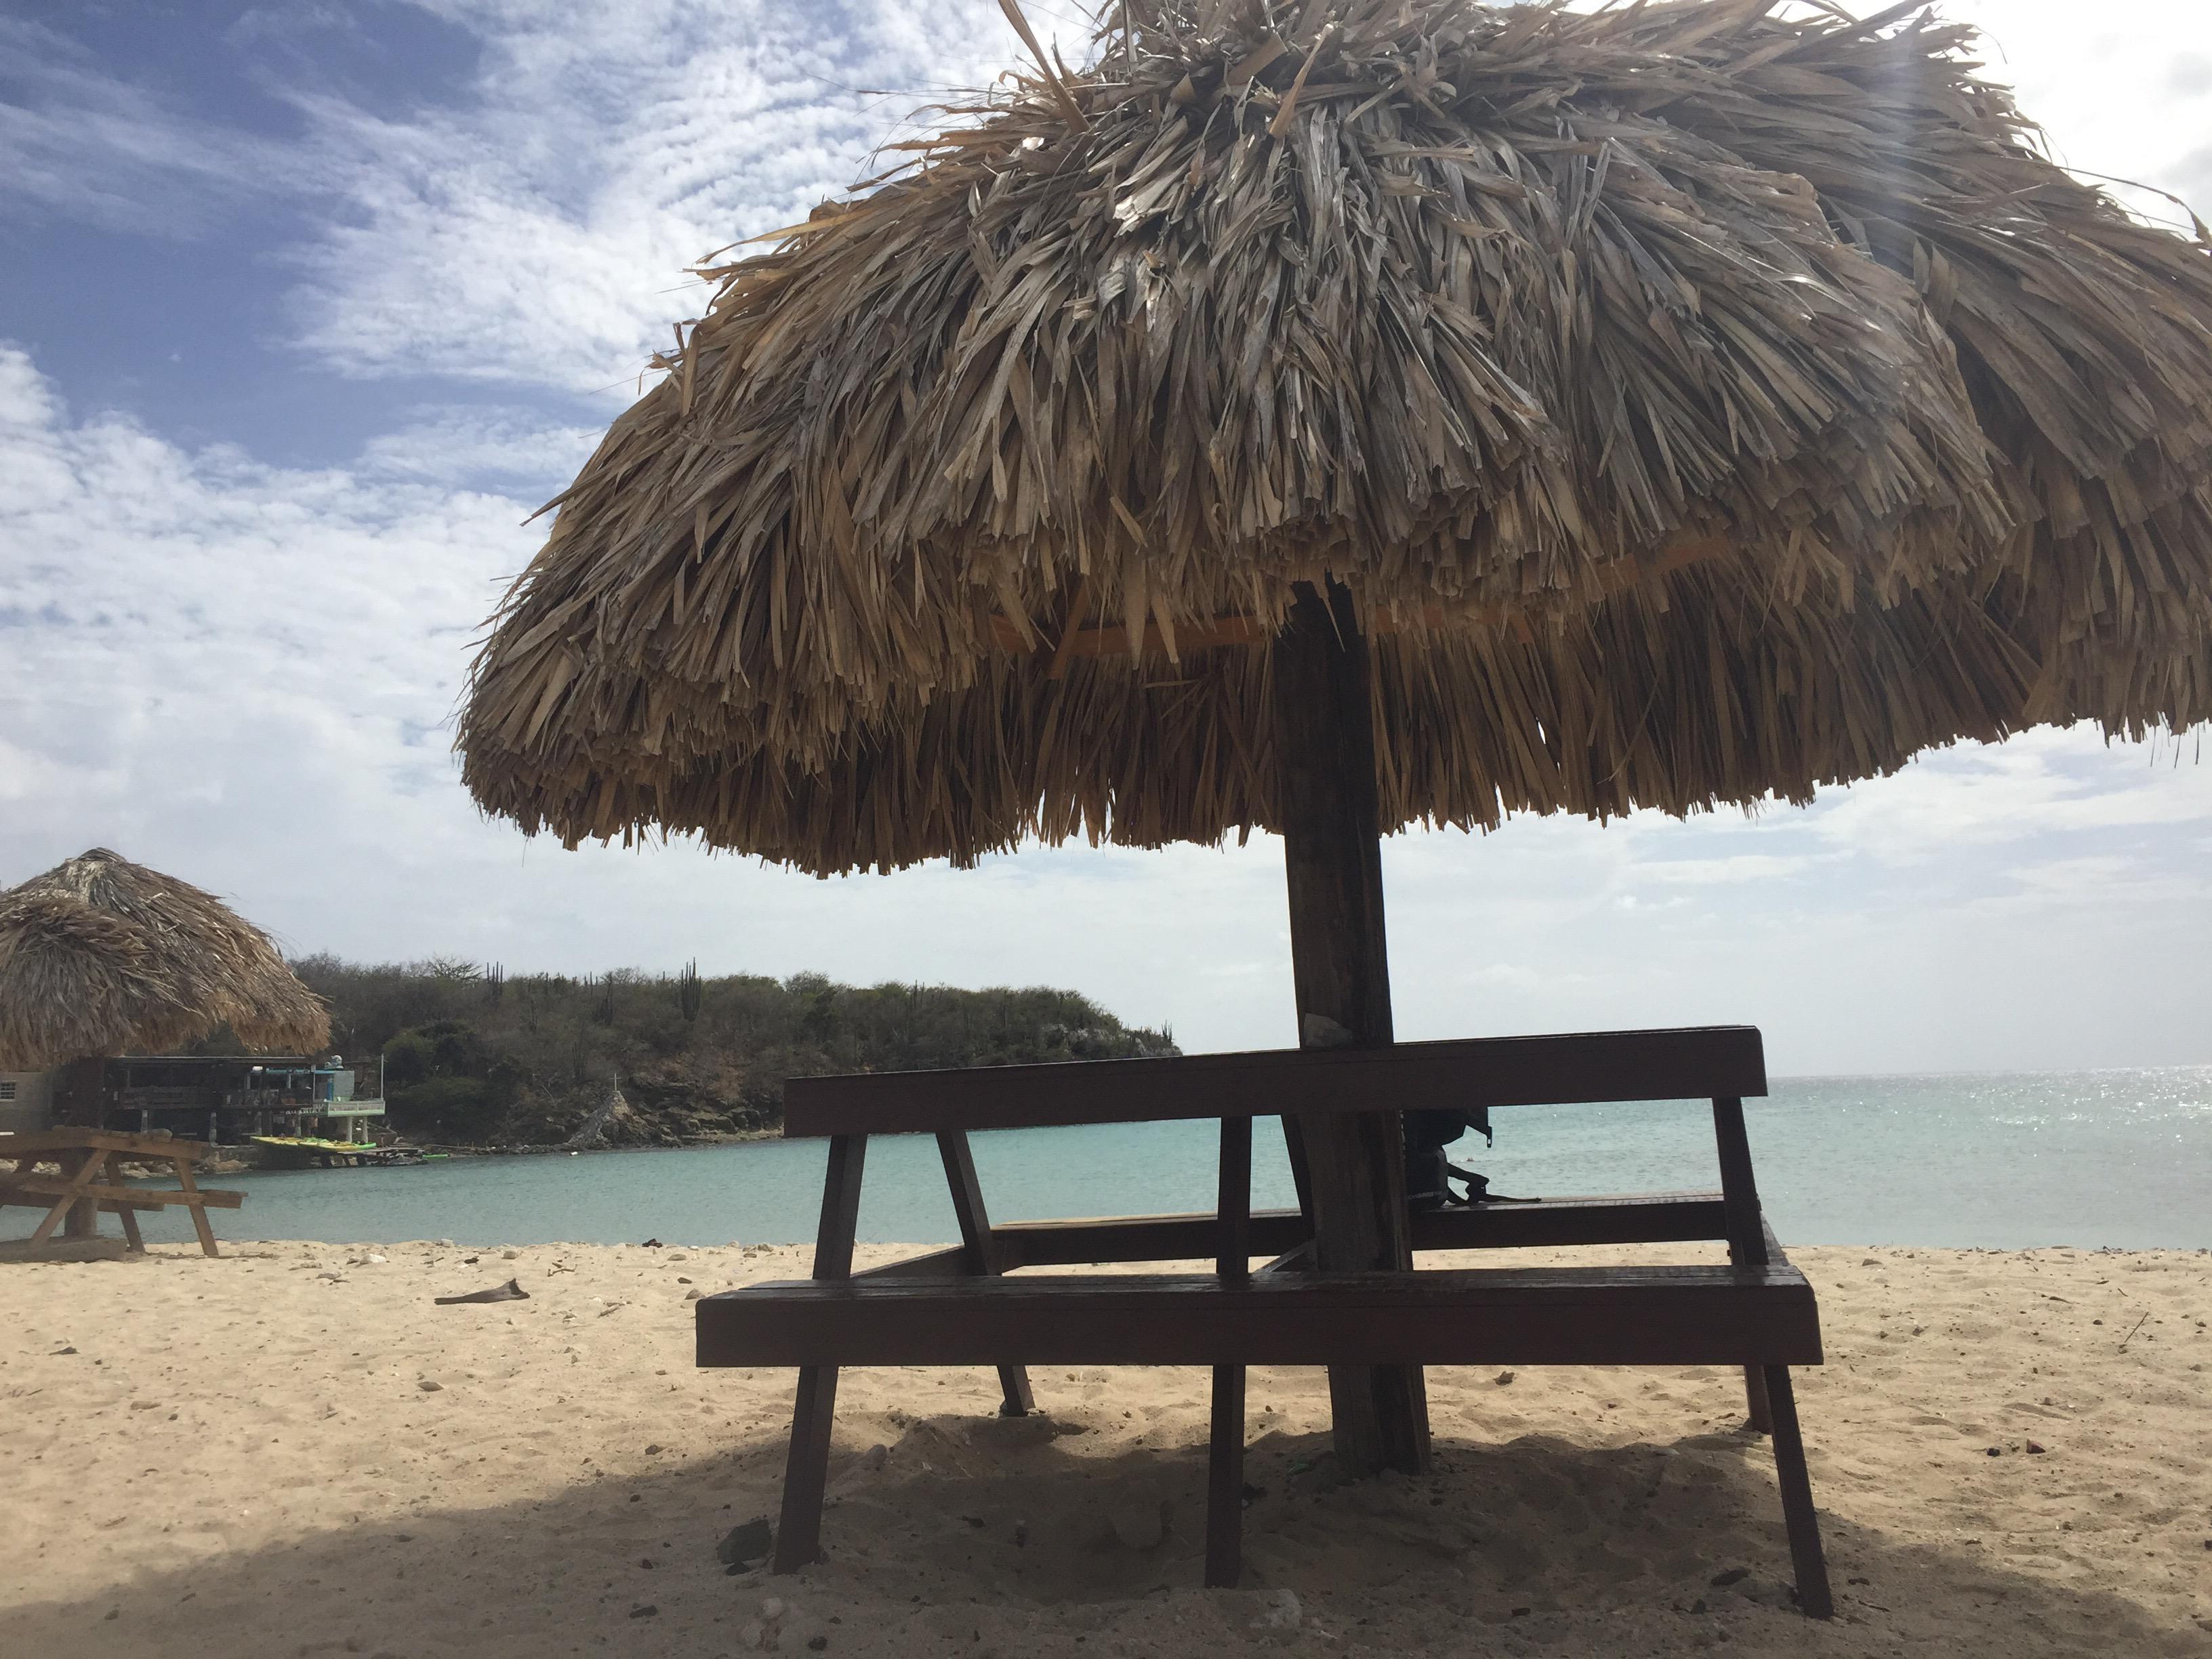 Playa Santa Cruz